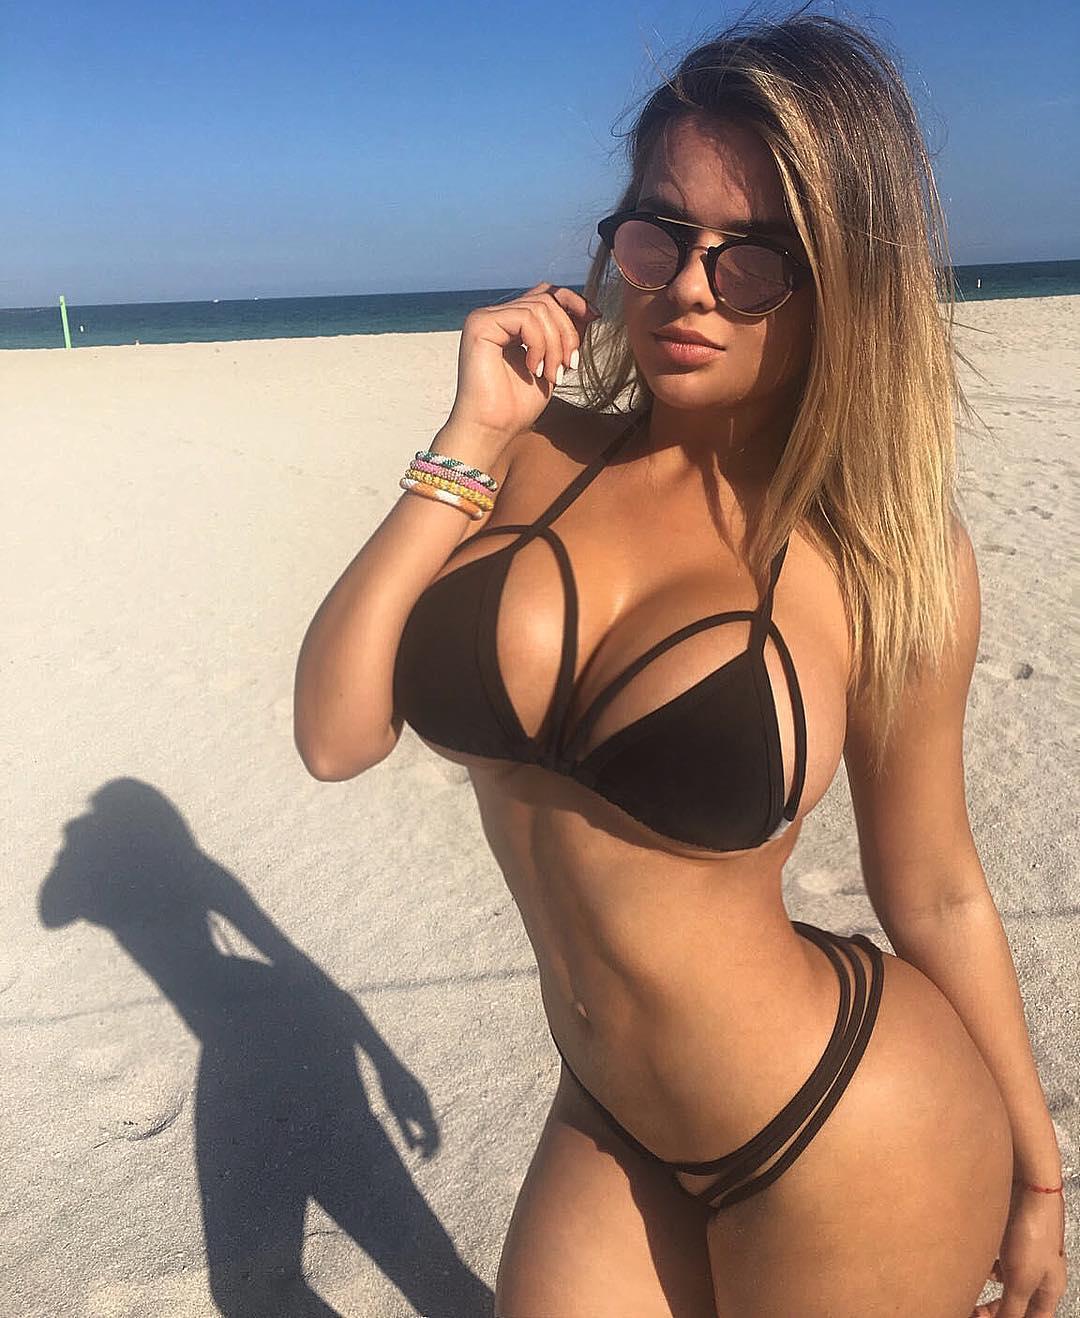 Анастасия Квитко или русская Ким Кардашьян